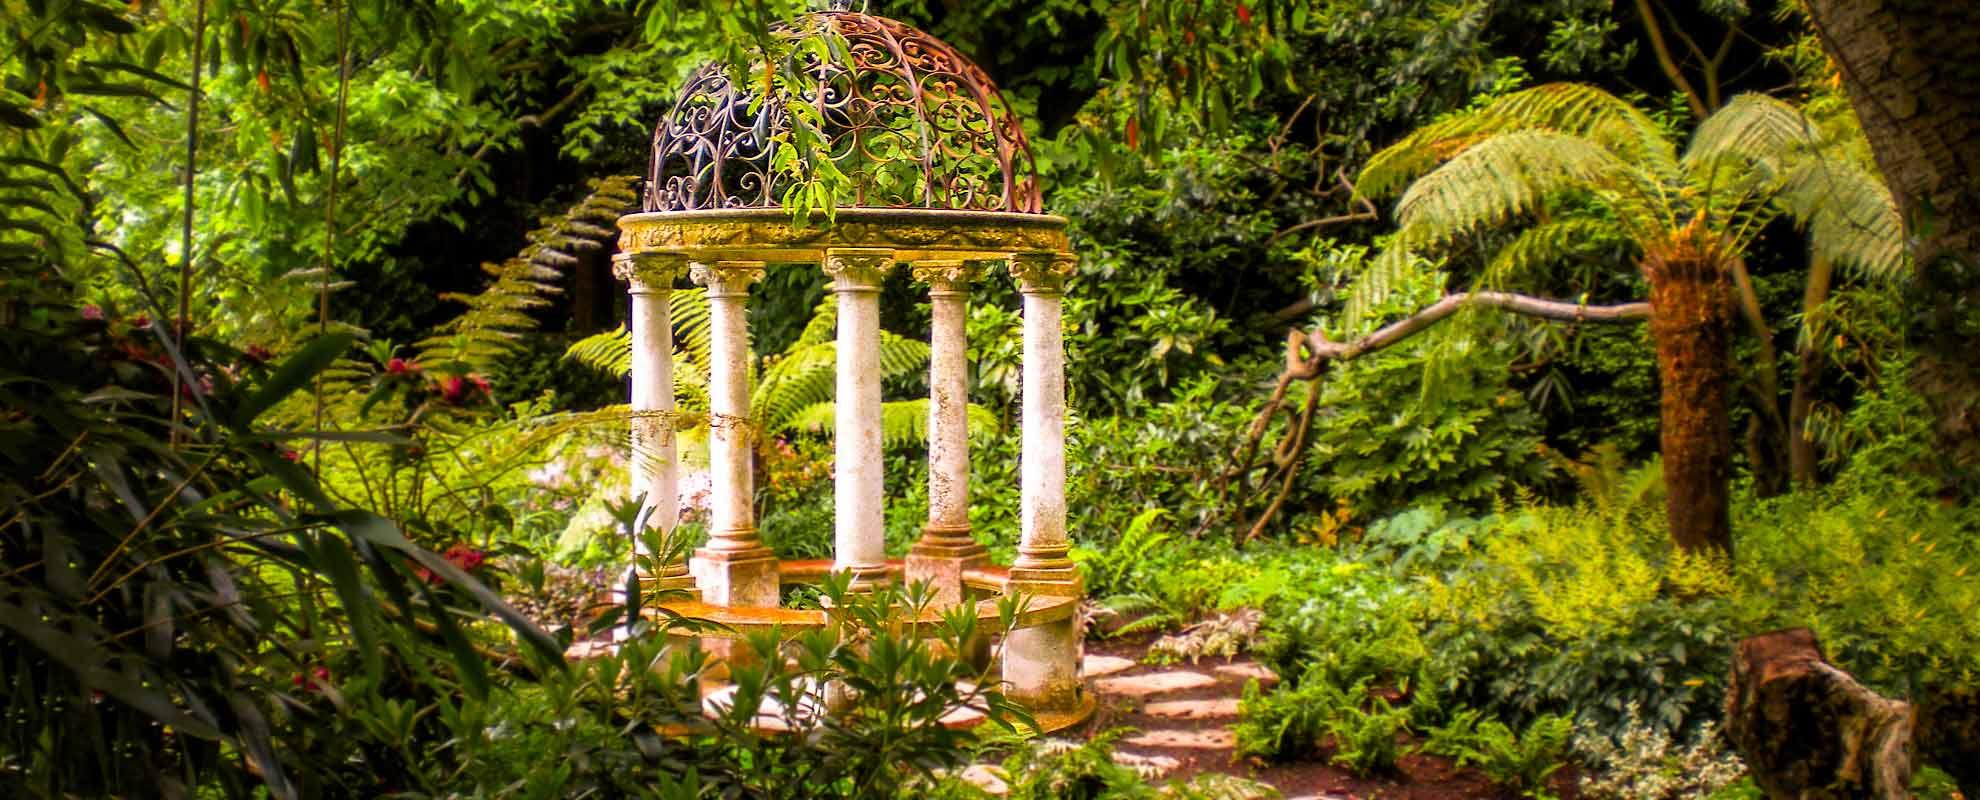 Older Gardens, the temple garden in south county dublin ireland